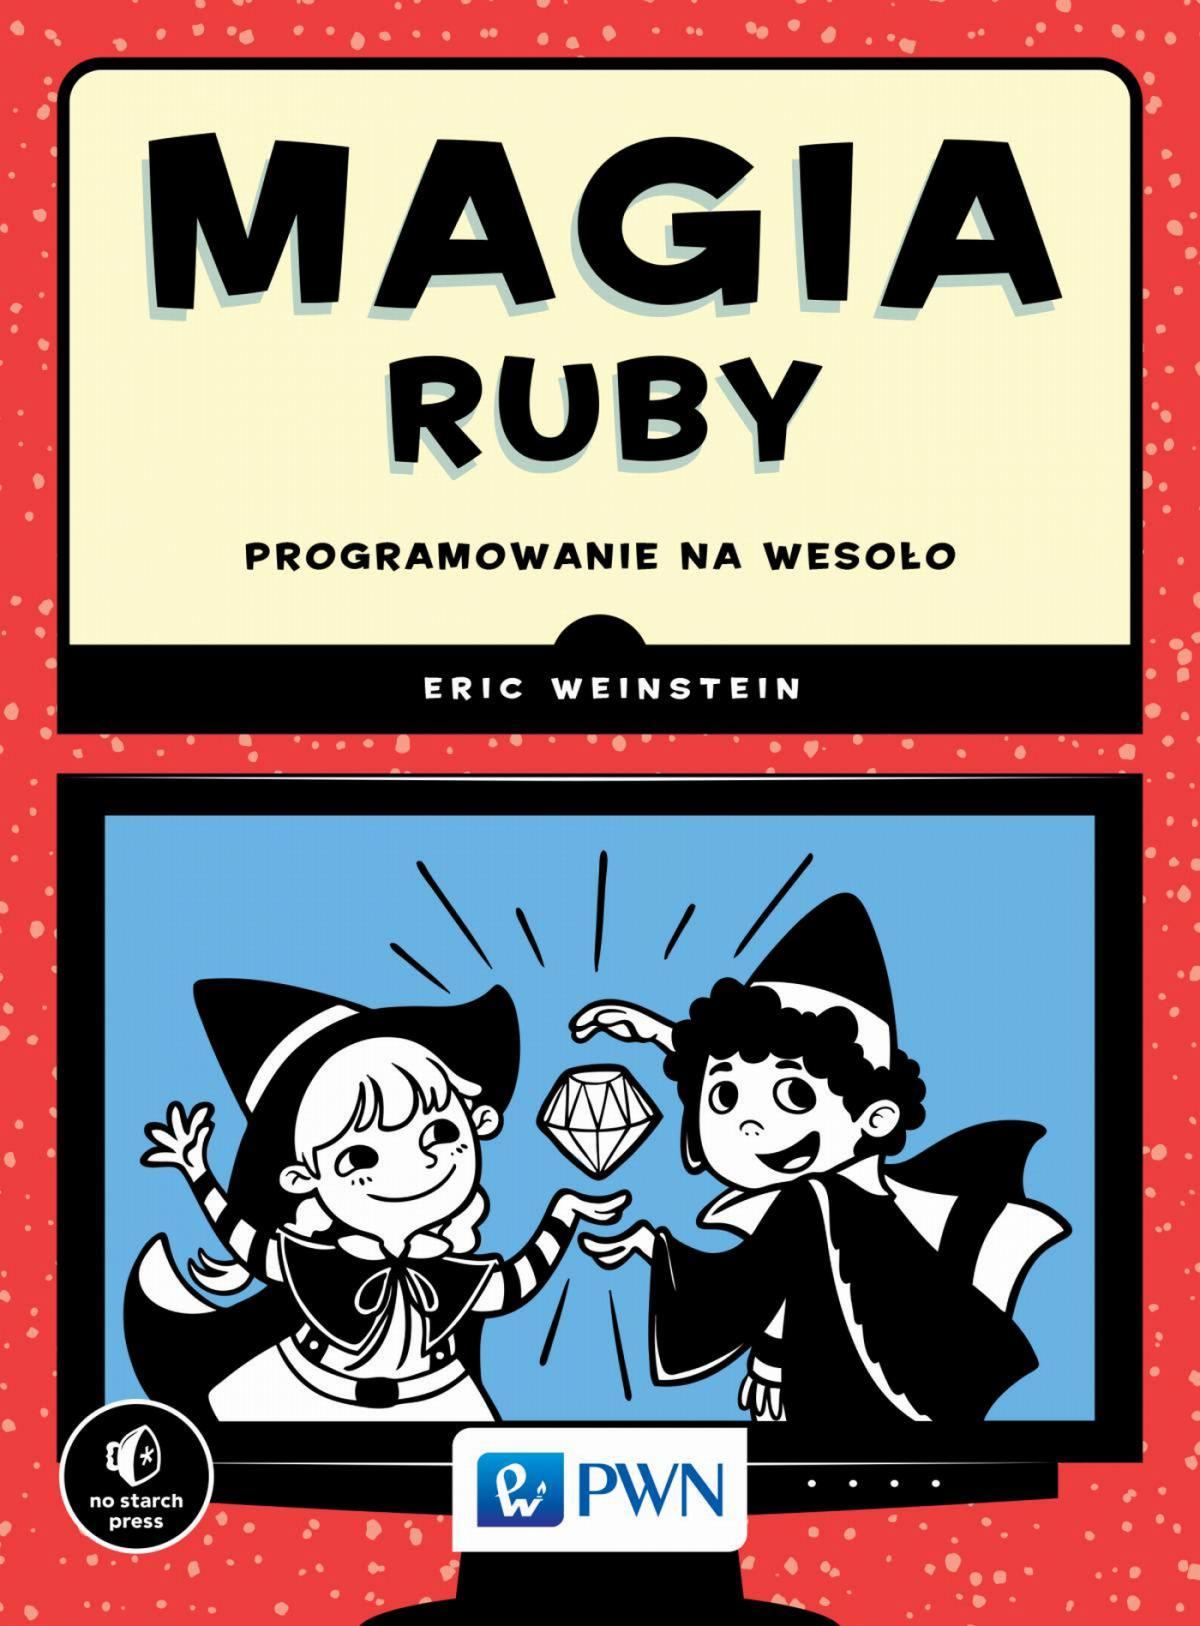 Magia Ruby. Programowanie na wesoło - Ebook (Książka EPUB) do pobrania w formacie EPUB